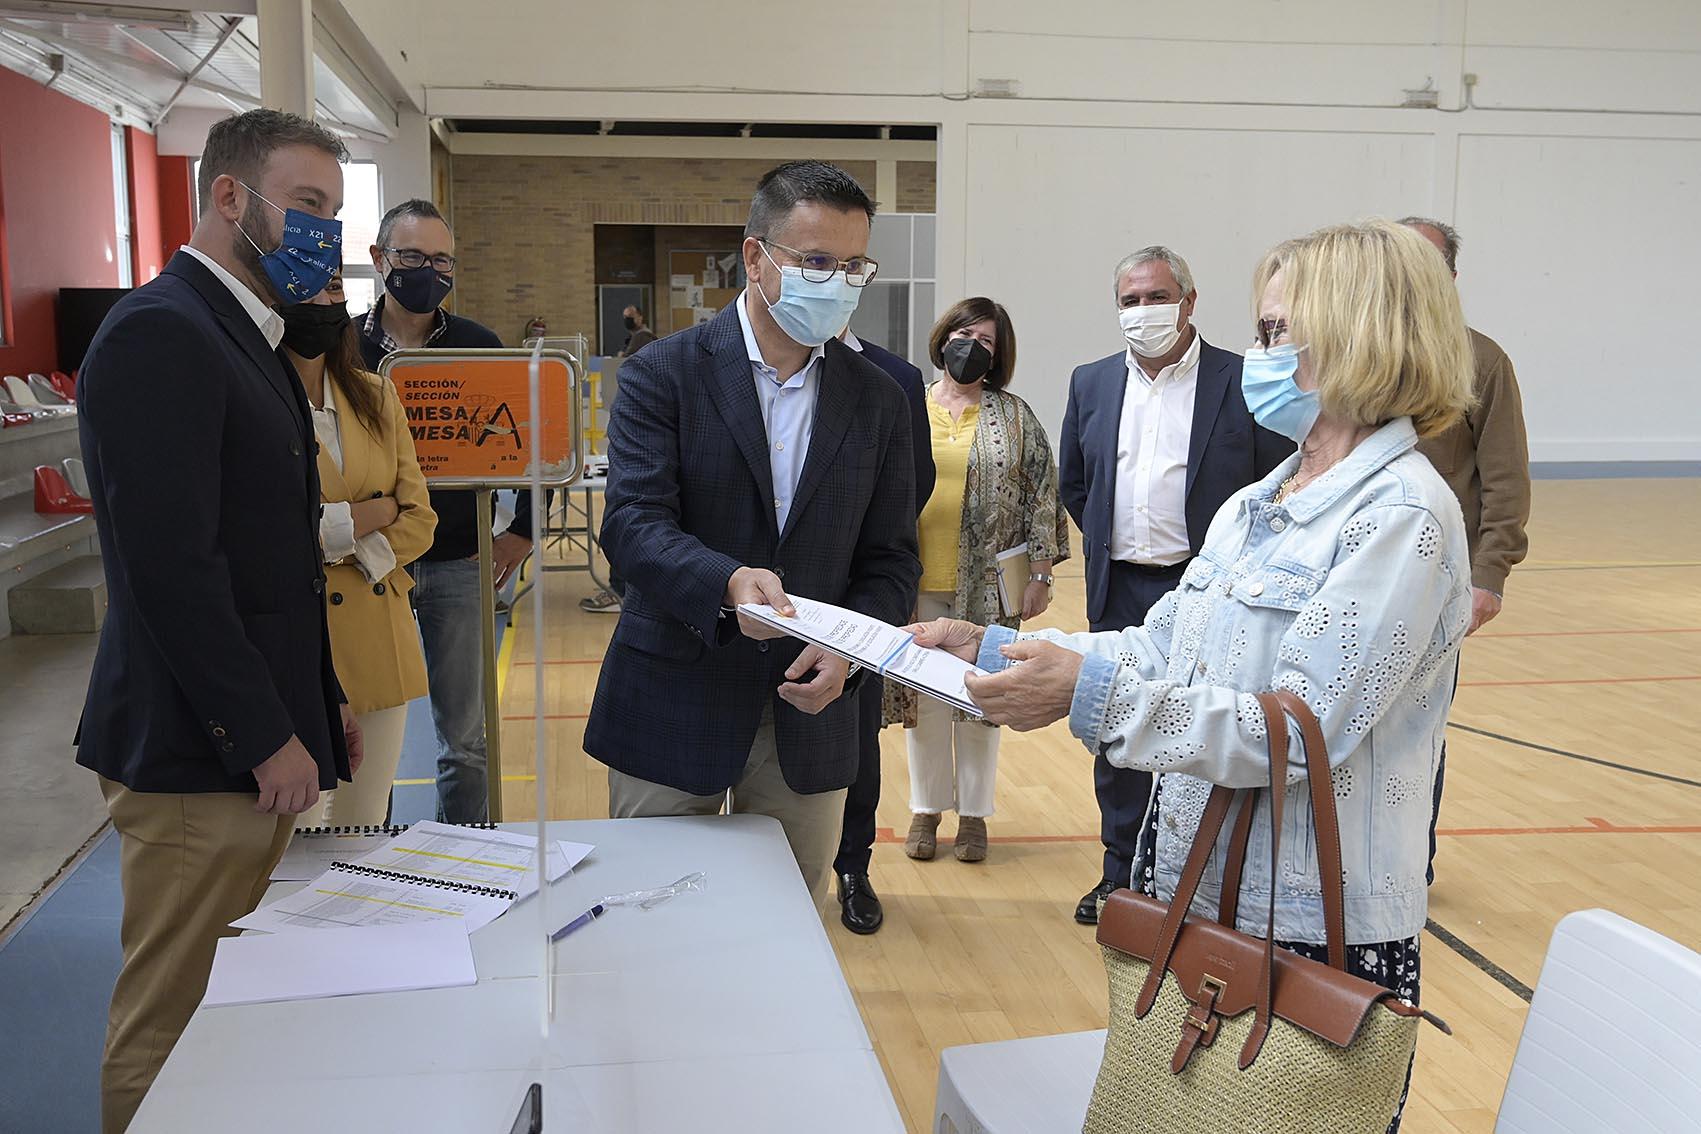 A Xunta finaliza a concentración parcelaria que comparten os concellos de Carral e Cambre na que investiu preto de 1,5 millóns de euros